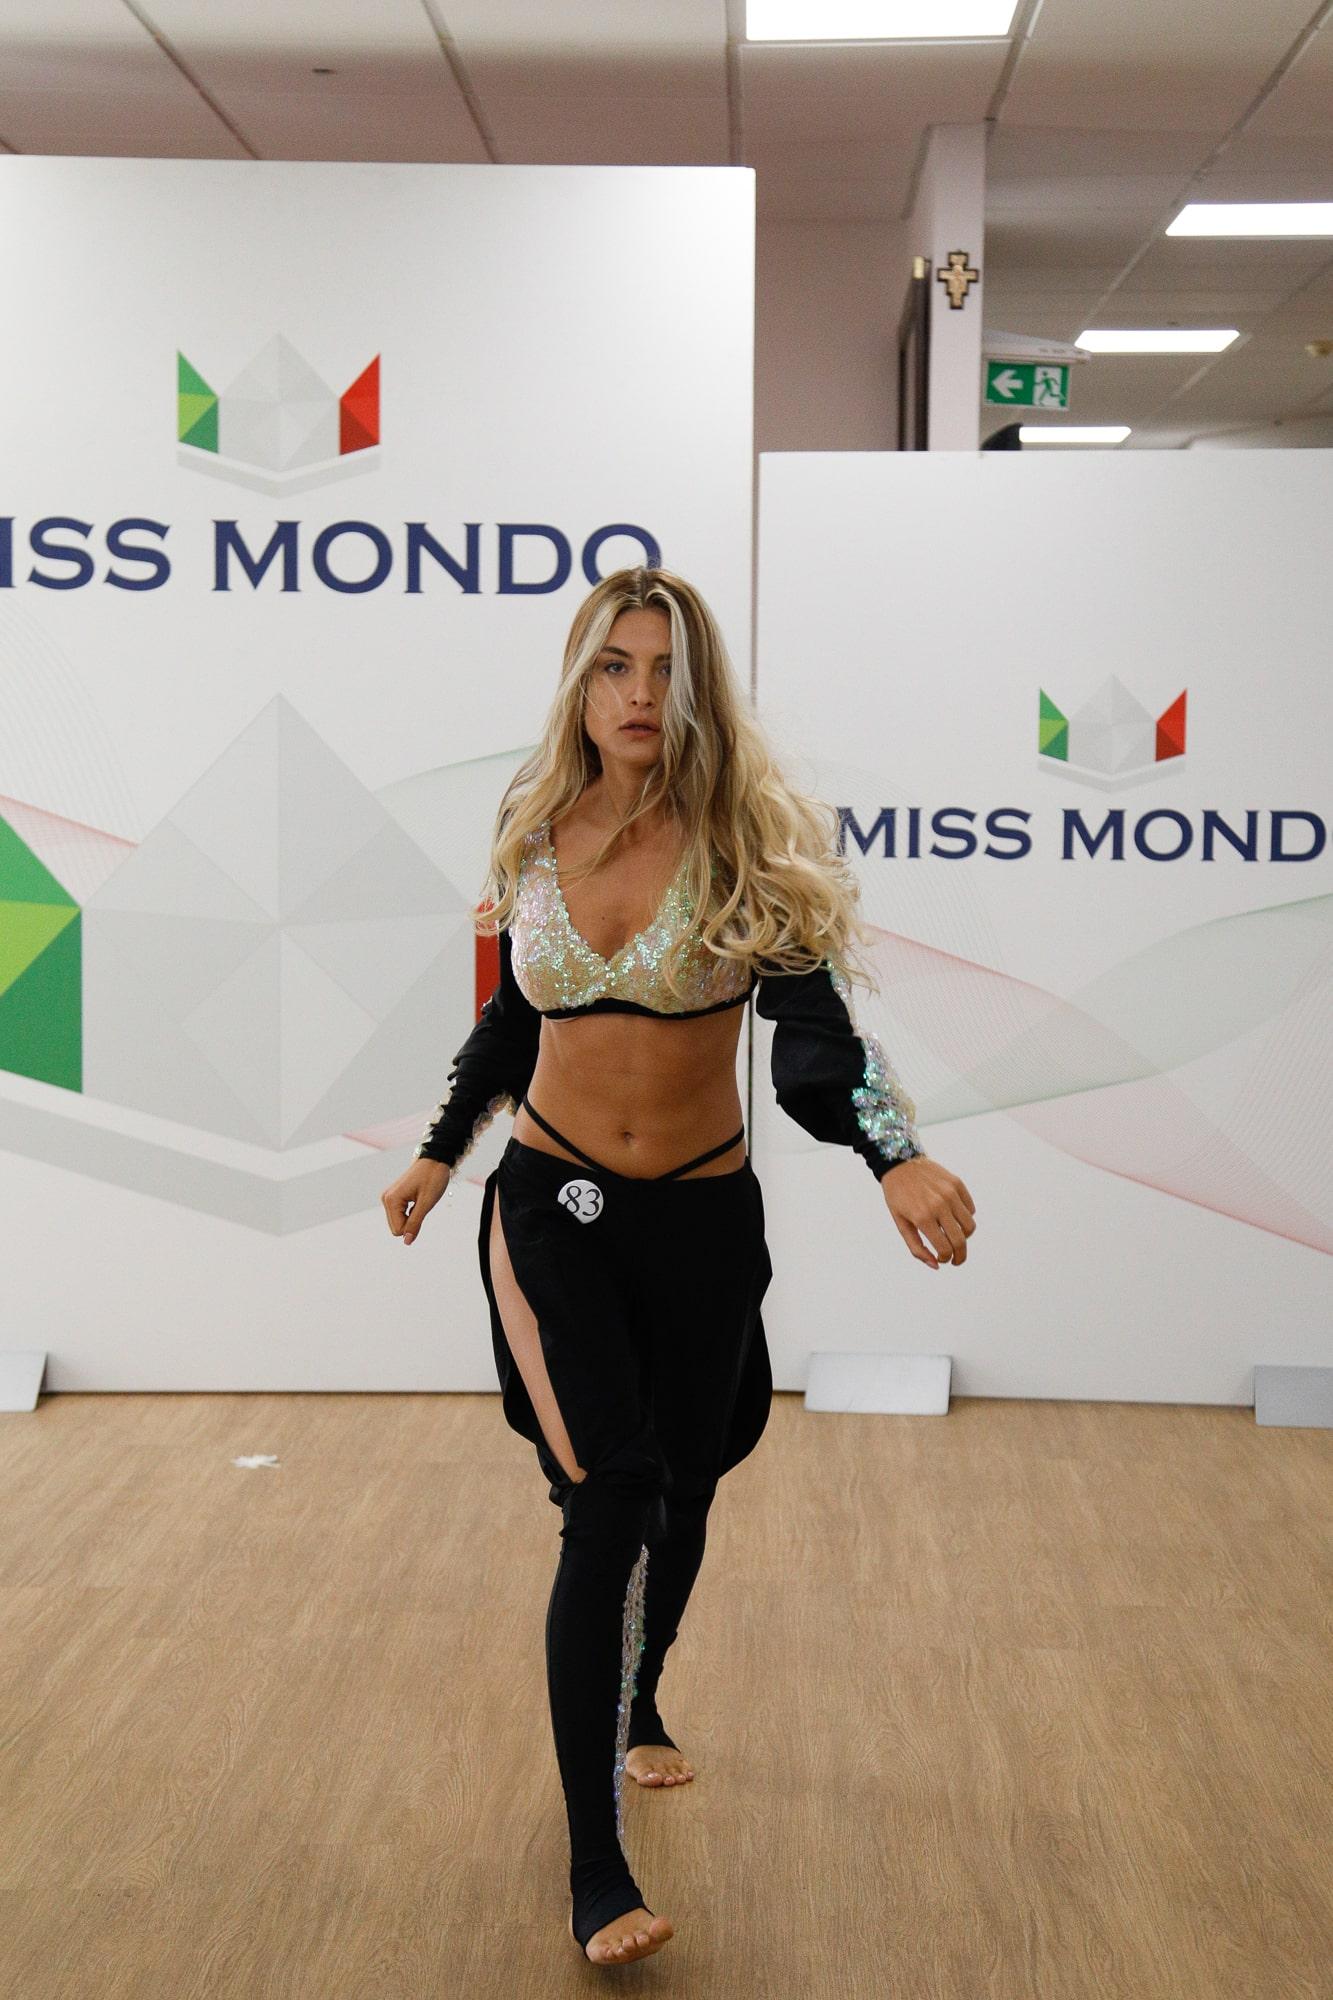 Finale nazione Miss Mondo Italia 2021 Audizione Talent 3 - 44